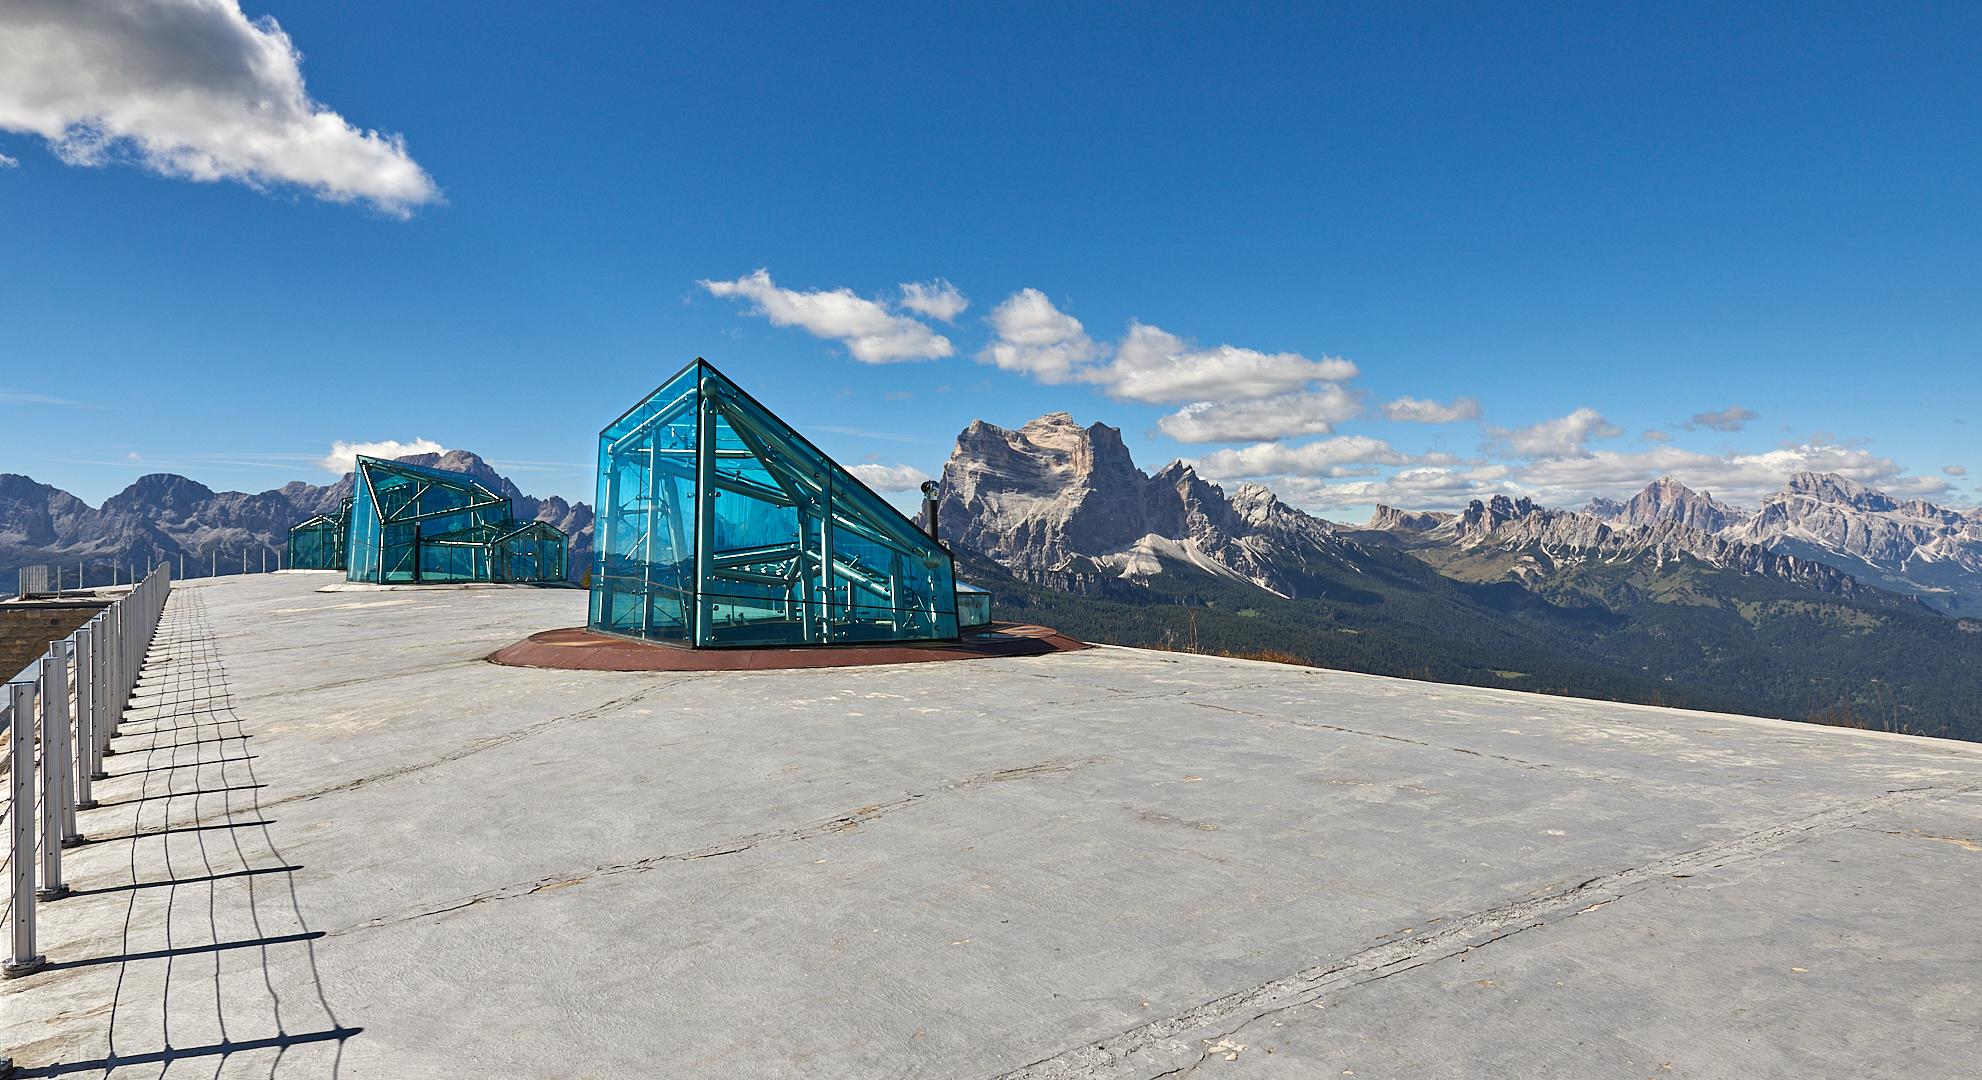 Messner Museum auf dem Monte Rite (2181 m), Berg, Glas, Beton und Mythen.